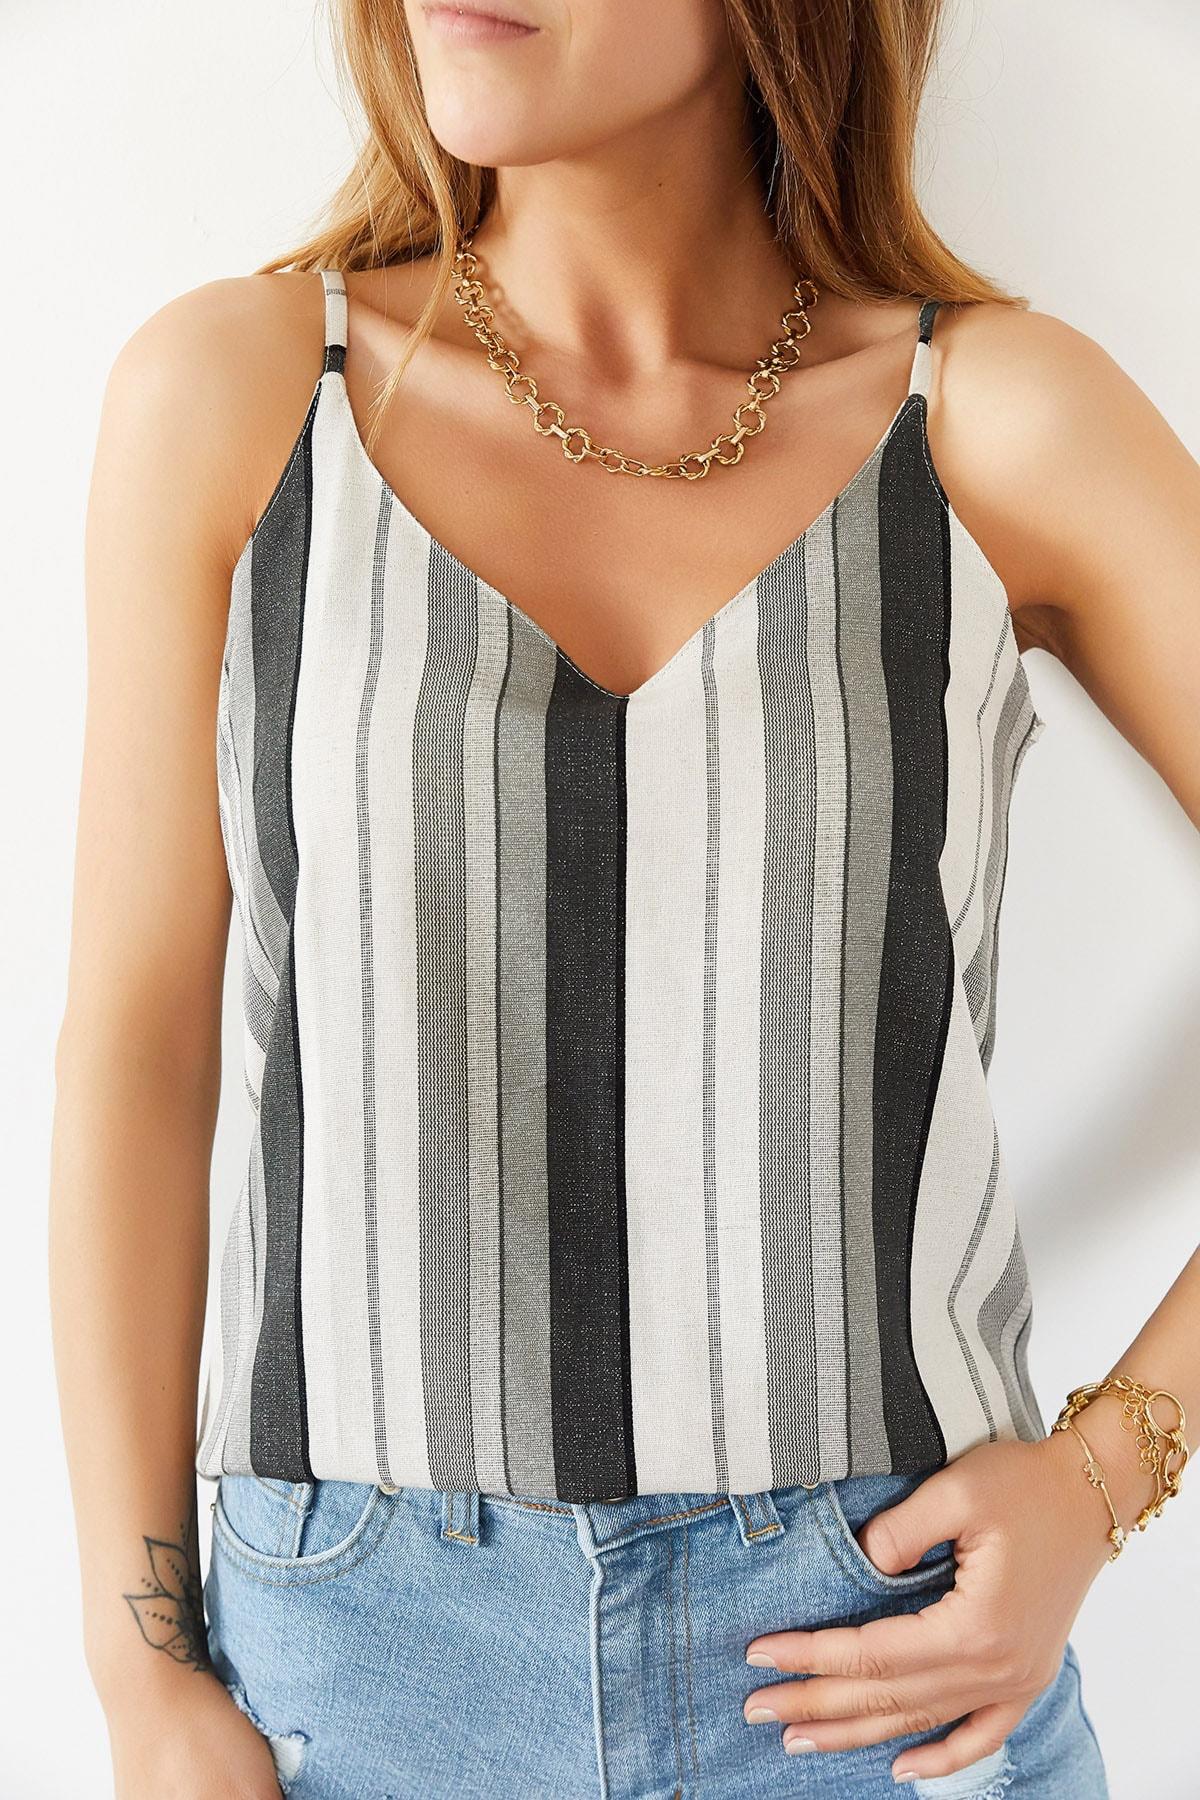 Xhan Kadın Gri & Beyaz Çizgili Askılı Bluz 0YXK2-43932-03 8699443932031